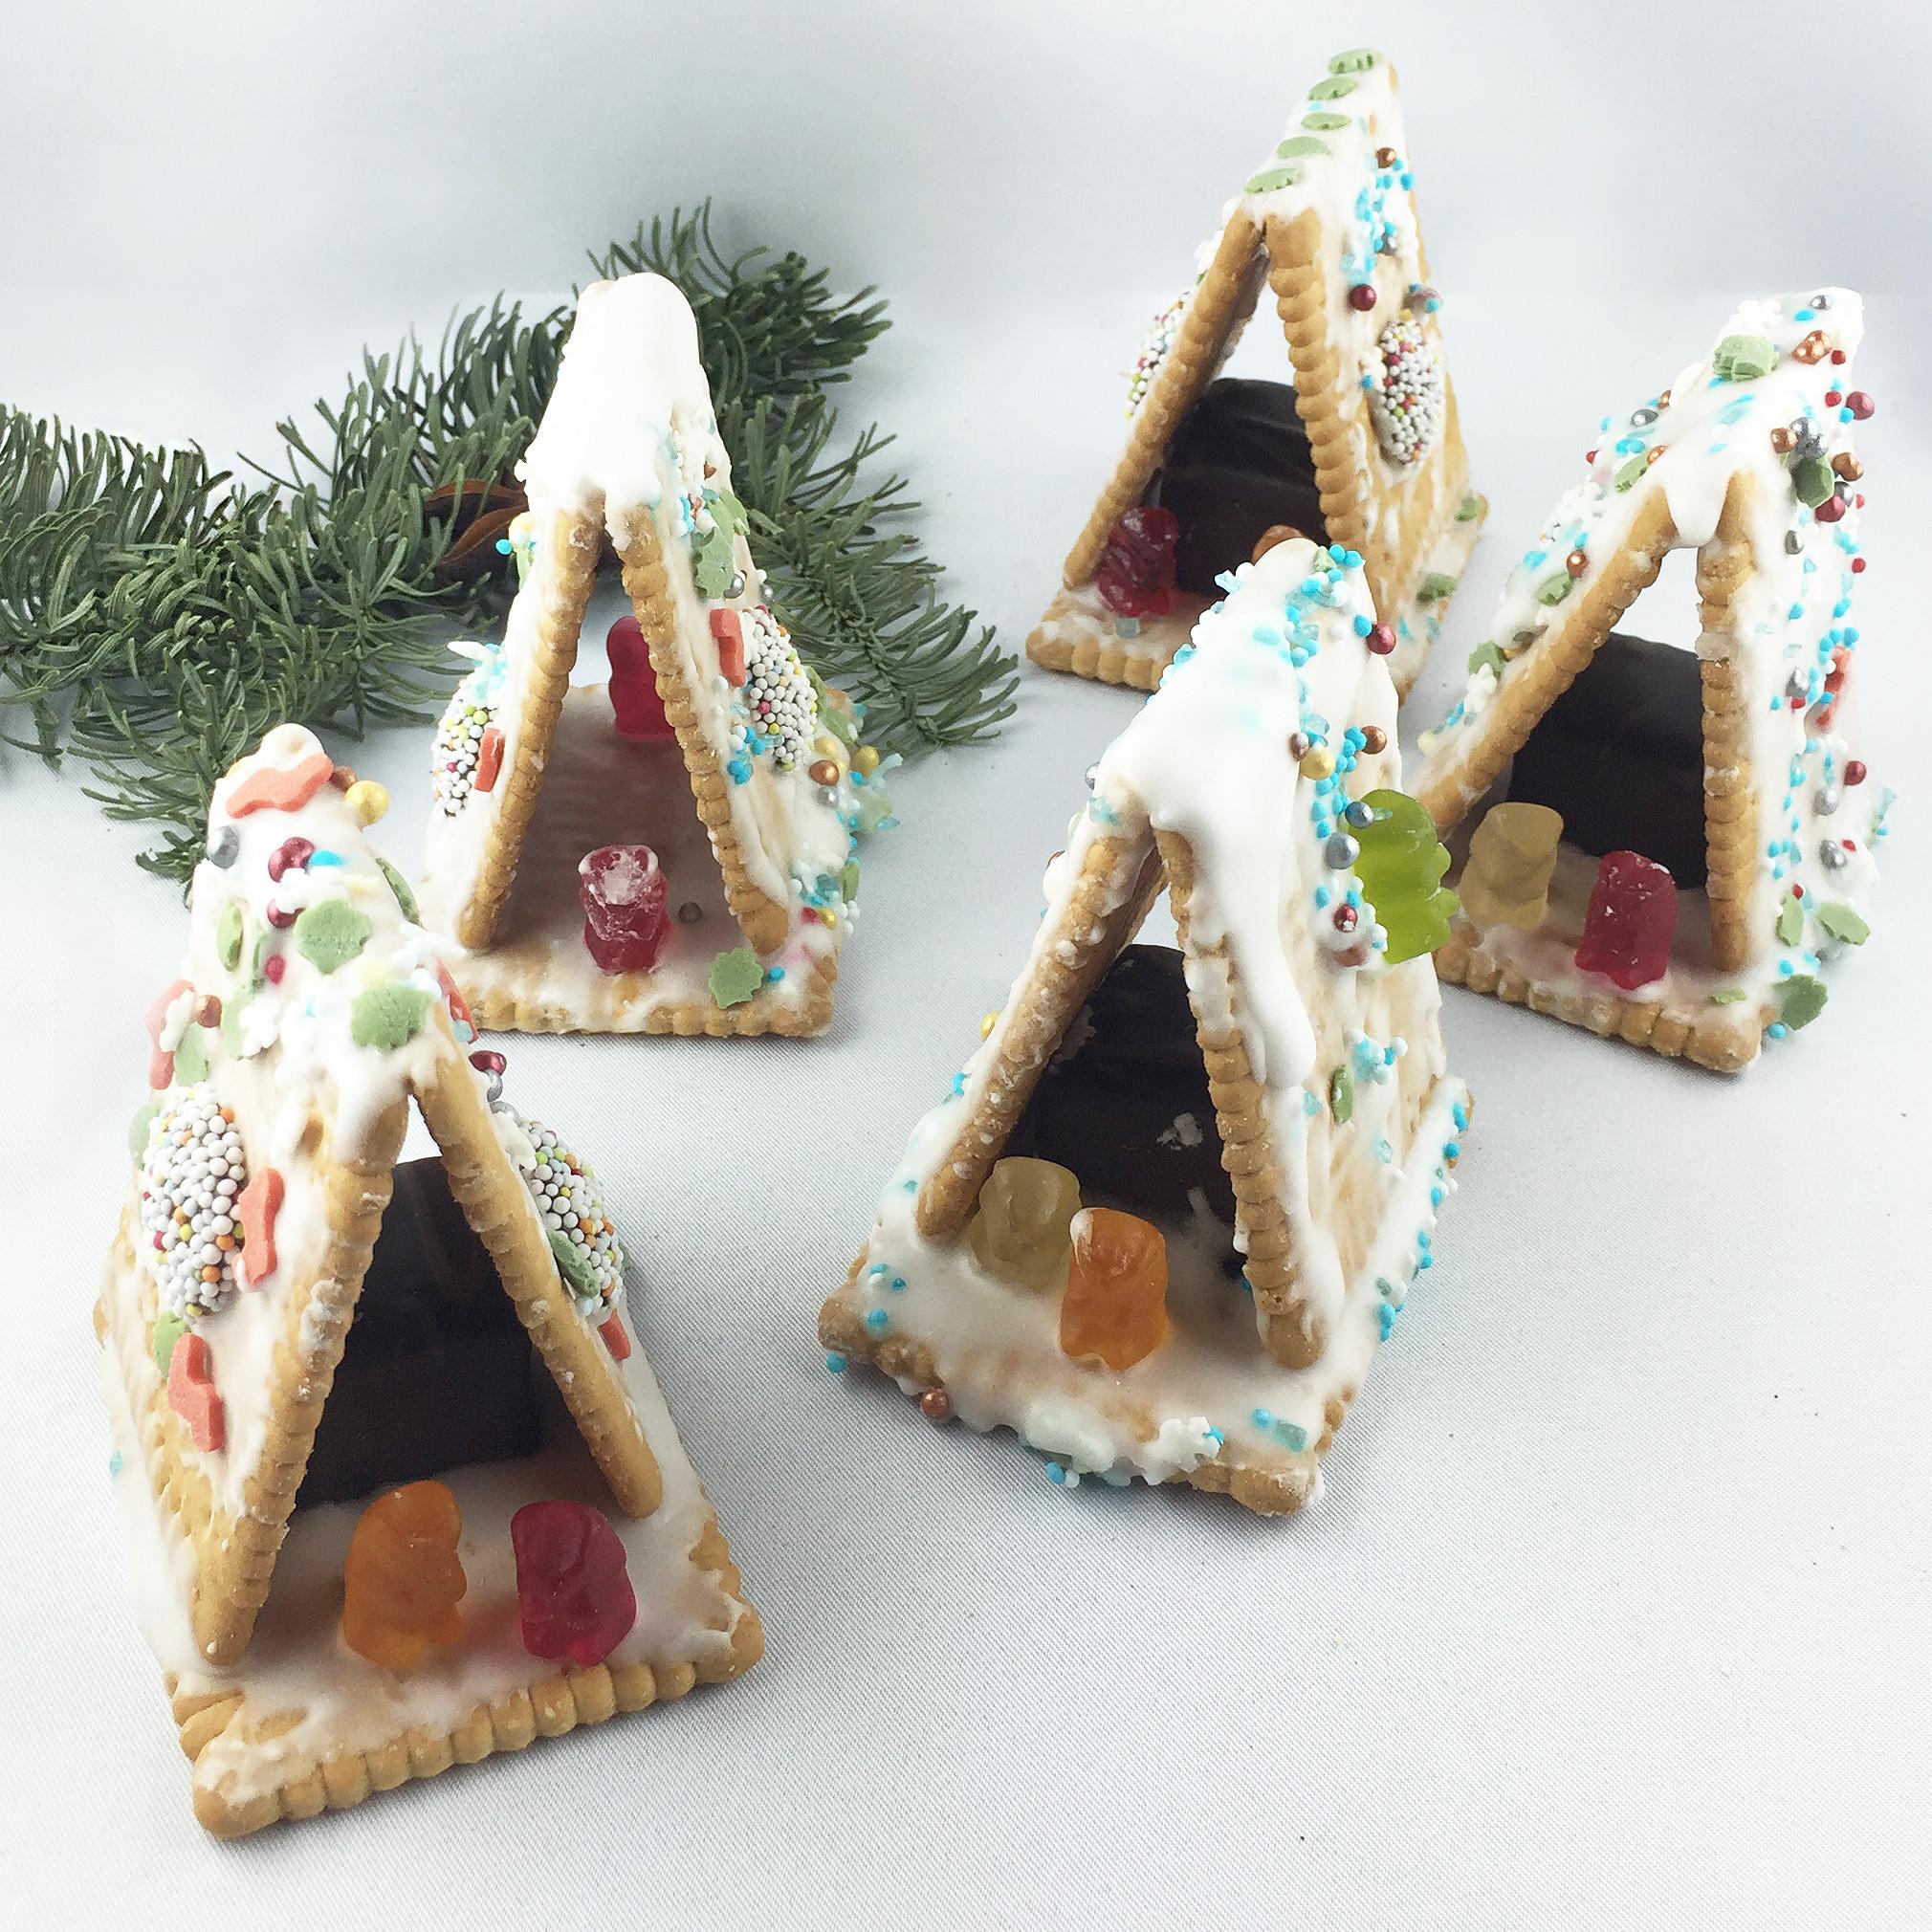 Hexenhäuschen aus Keksen - Der Zauber von Weihnachten